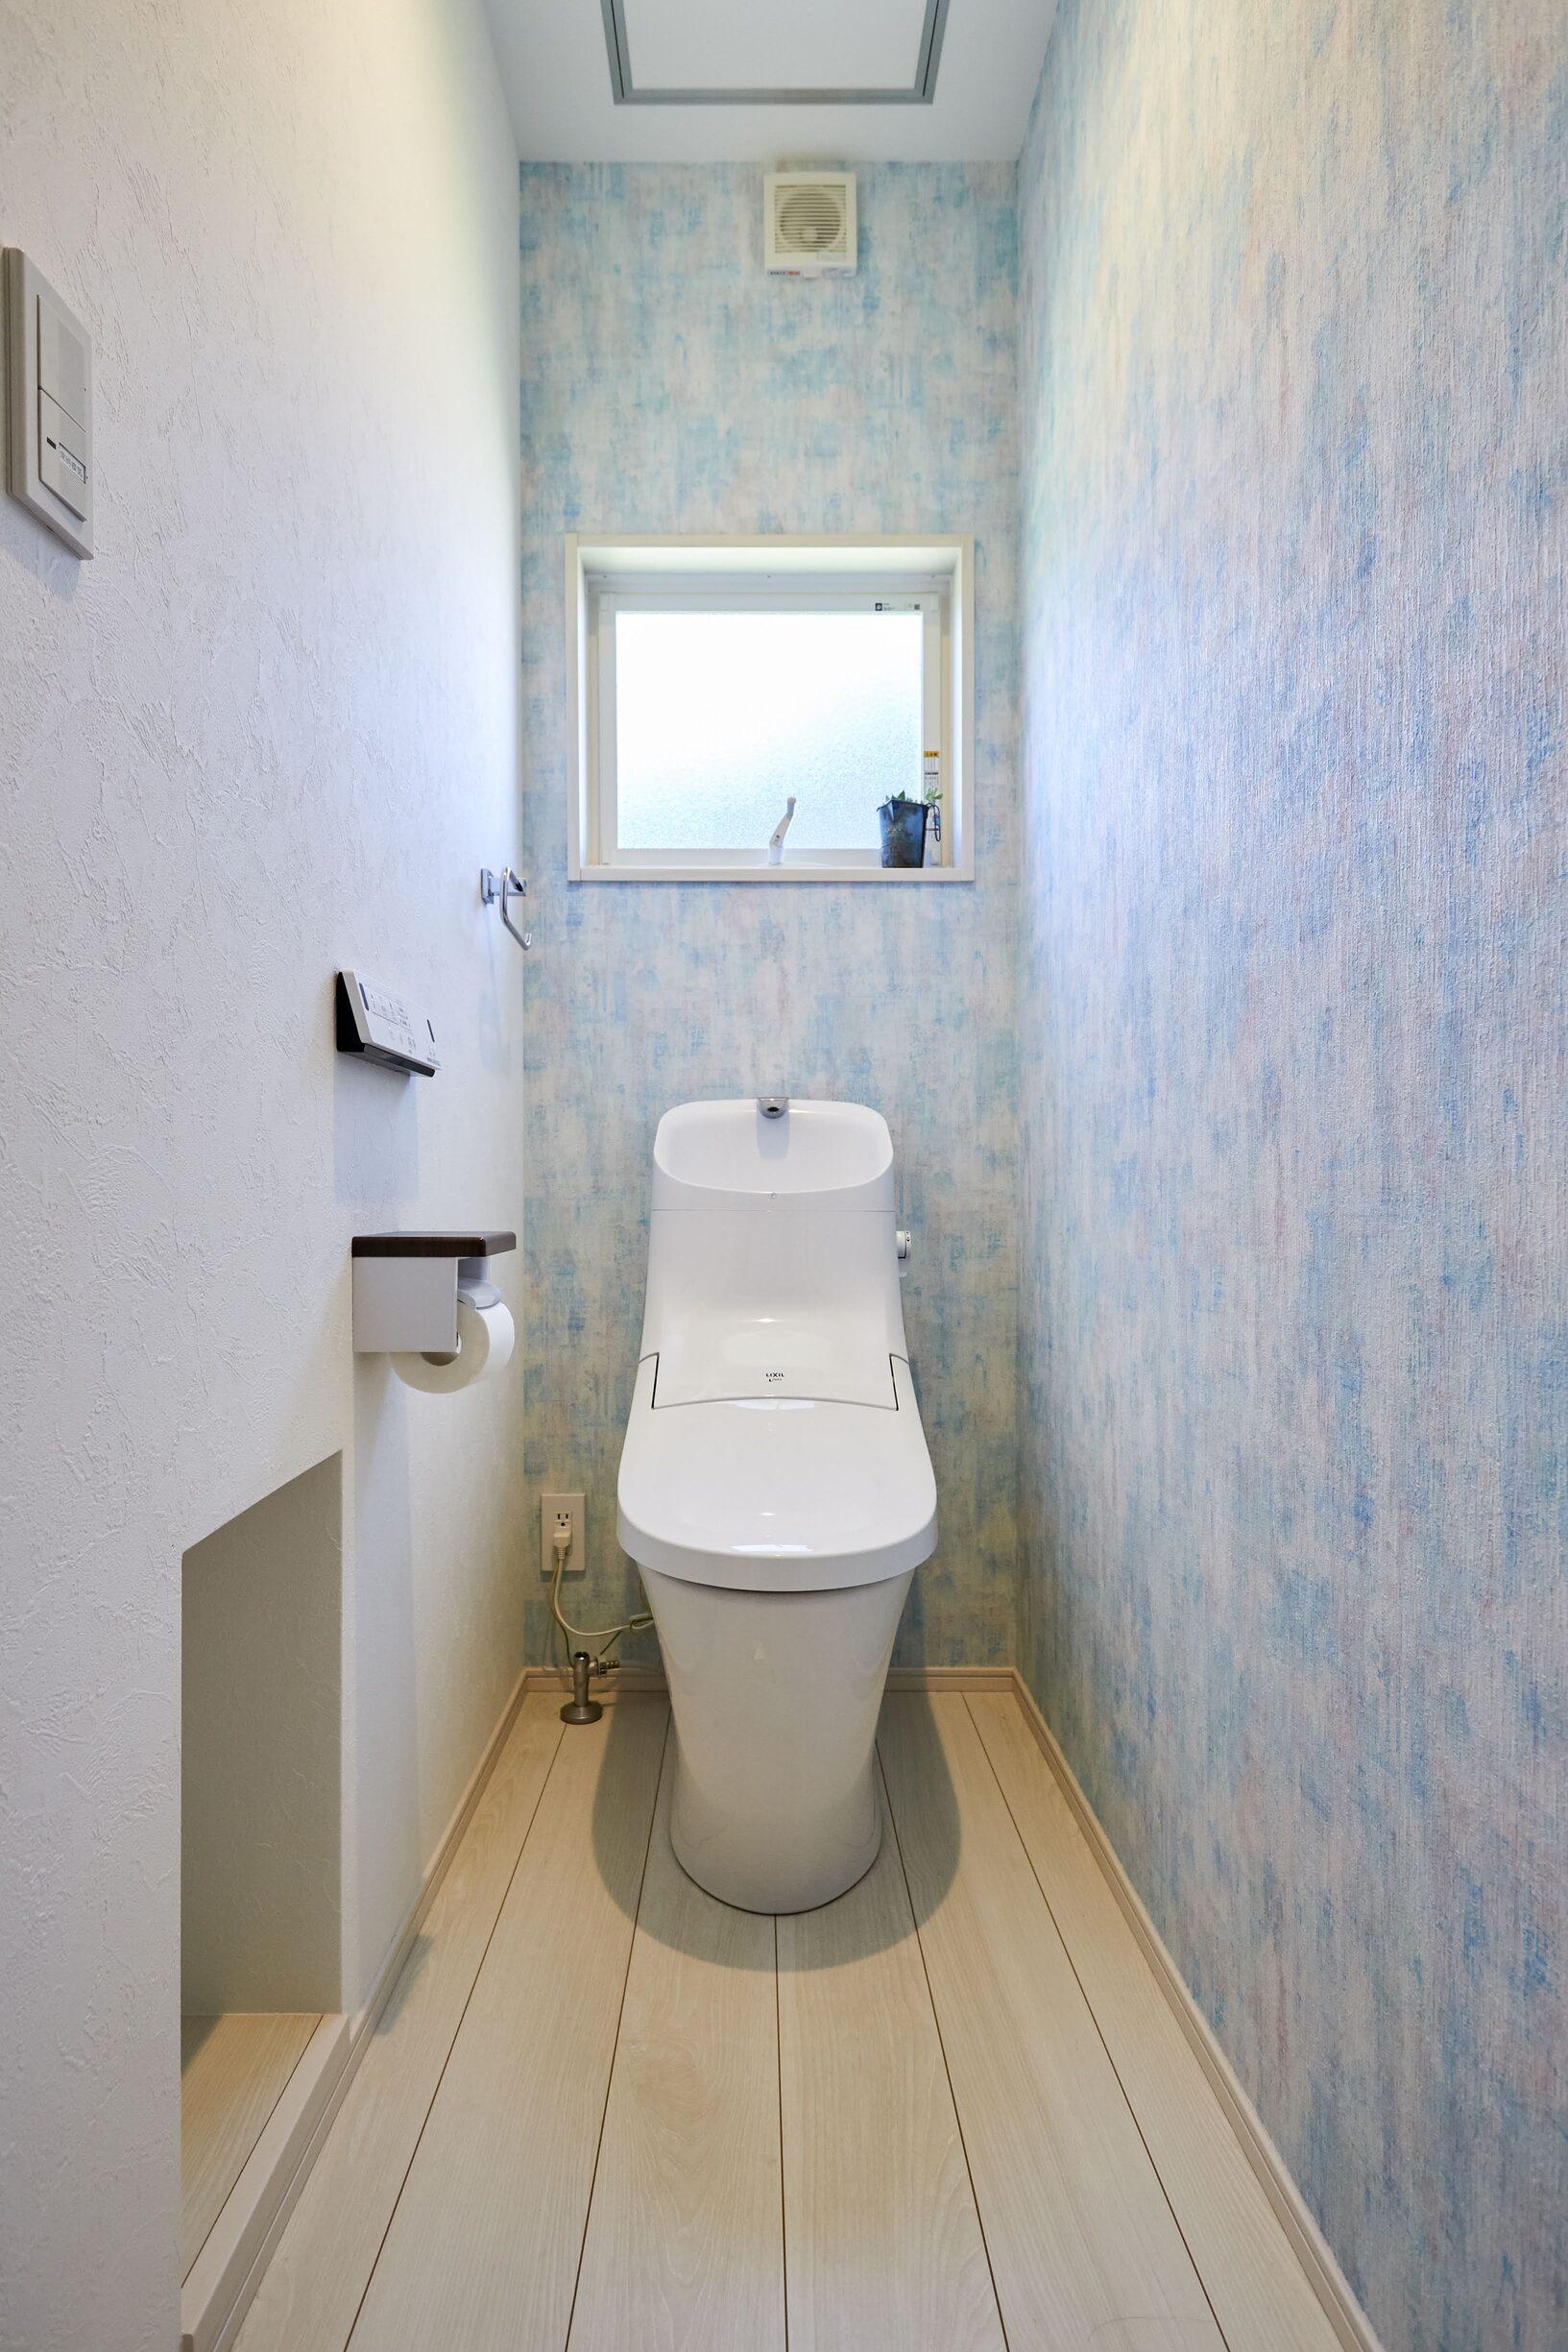 爽やかな印象を与えるアクセントクロスをあしらったトイレ